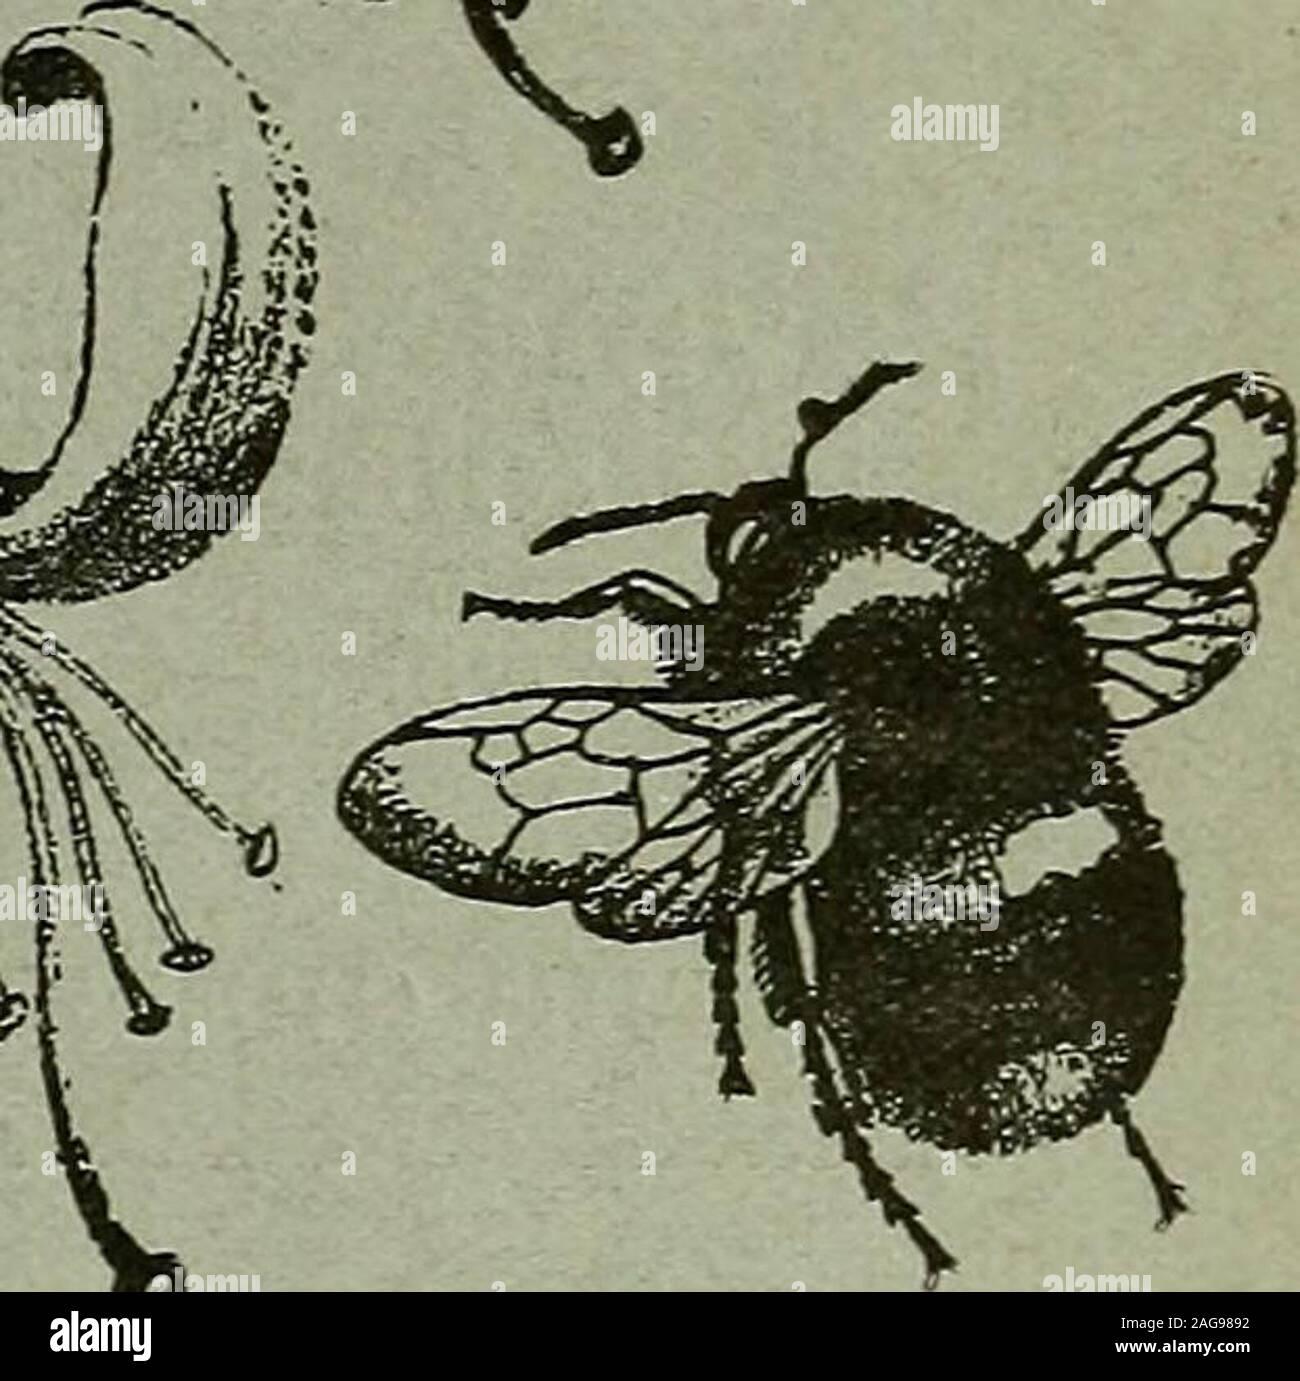 . El entomólogo el expediente y oficial de variación. Los entomólogos Y REGISTRO OFICIAL DE VARIACIÓN editado por J. W. TUTT, F.E.S. Asistido por T. BEAEE Hudson, b.sc, f.e.s., f.e.s.e.M. BUER, B.A., F.S.Z., r.i.s., f.e.s. T. A. CHAPMAN, m.d., f.z.s., f.e.s.JAS. E. COLLIN, F.E.S. H. S. J.K.DONISTHORPE f.z.s. f.e.s. Febrero loth, 1906. Precio SIXPENCE (neto). (Con placa.) Suscripción para completar el volumen, puesto libre (incluyendo todos los números dobles, etc.)7 chelines, se reenvíen a J. HERBERT TUTT, 119 Westcombe Hill, Blackheath, LondoNj S.E. Foto de stock